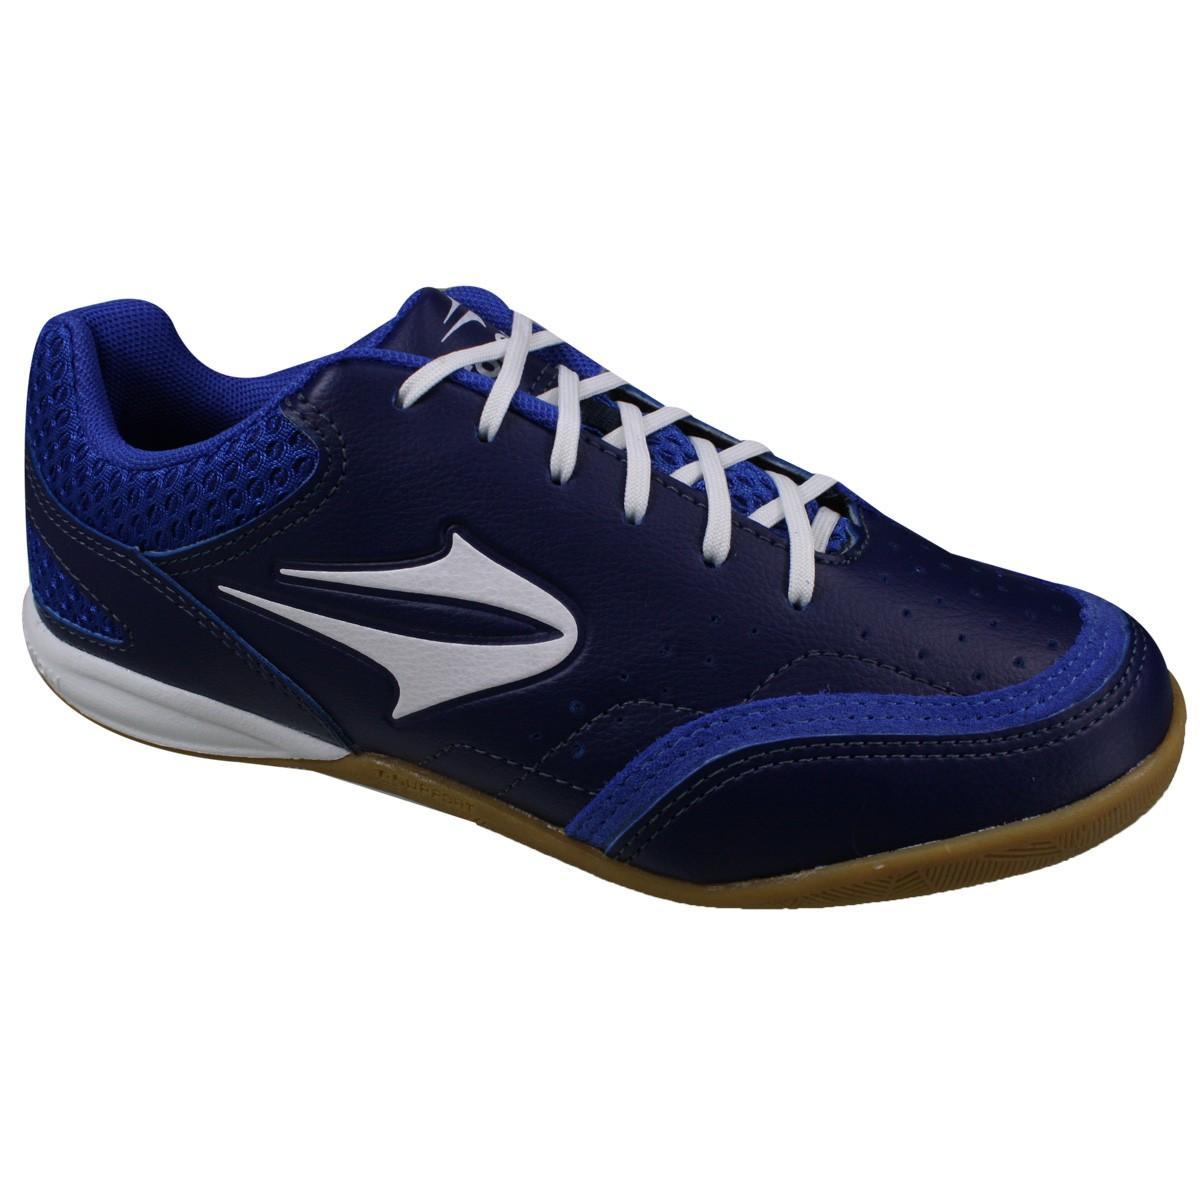 Tênis Topper Indoor Maestro 4136321 352 - Marinho Prata - Calçados ... f0f3bd0148b2b